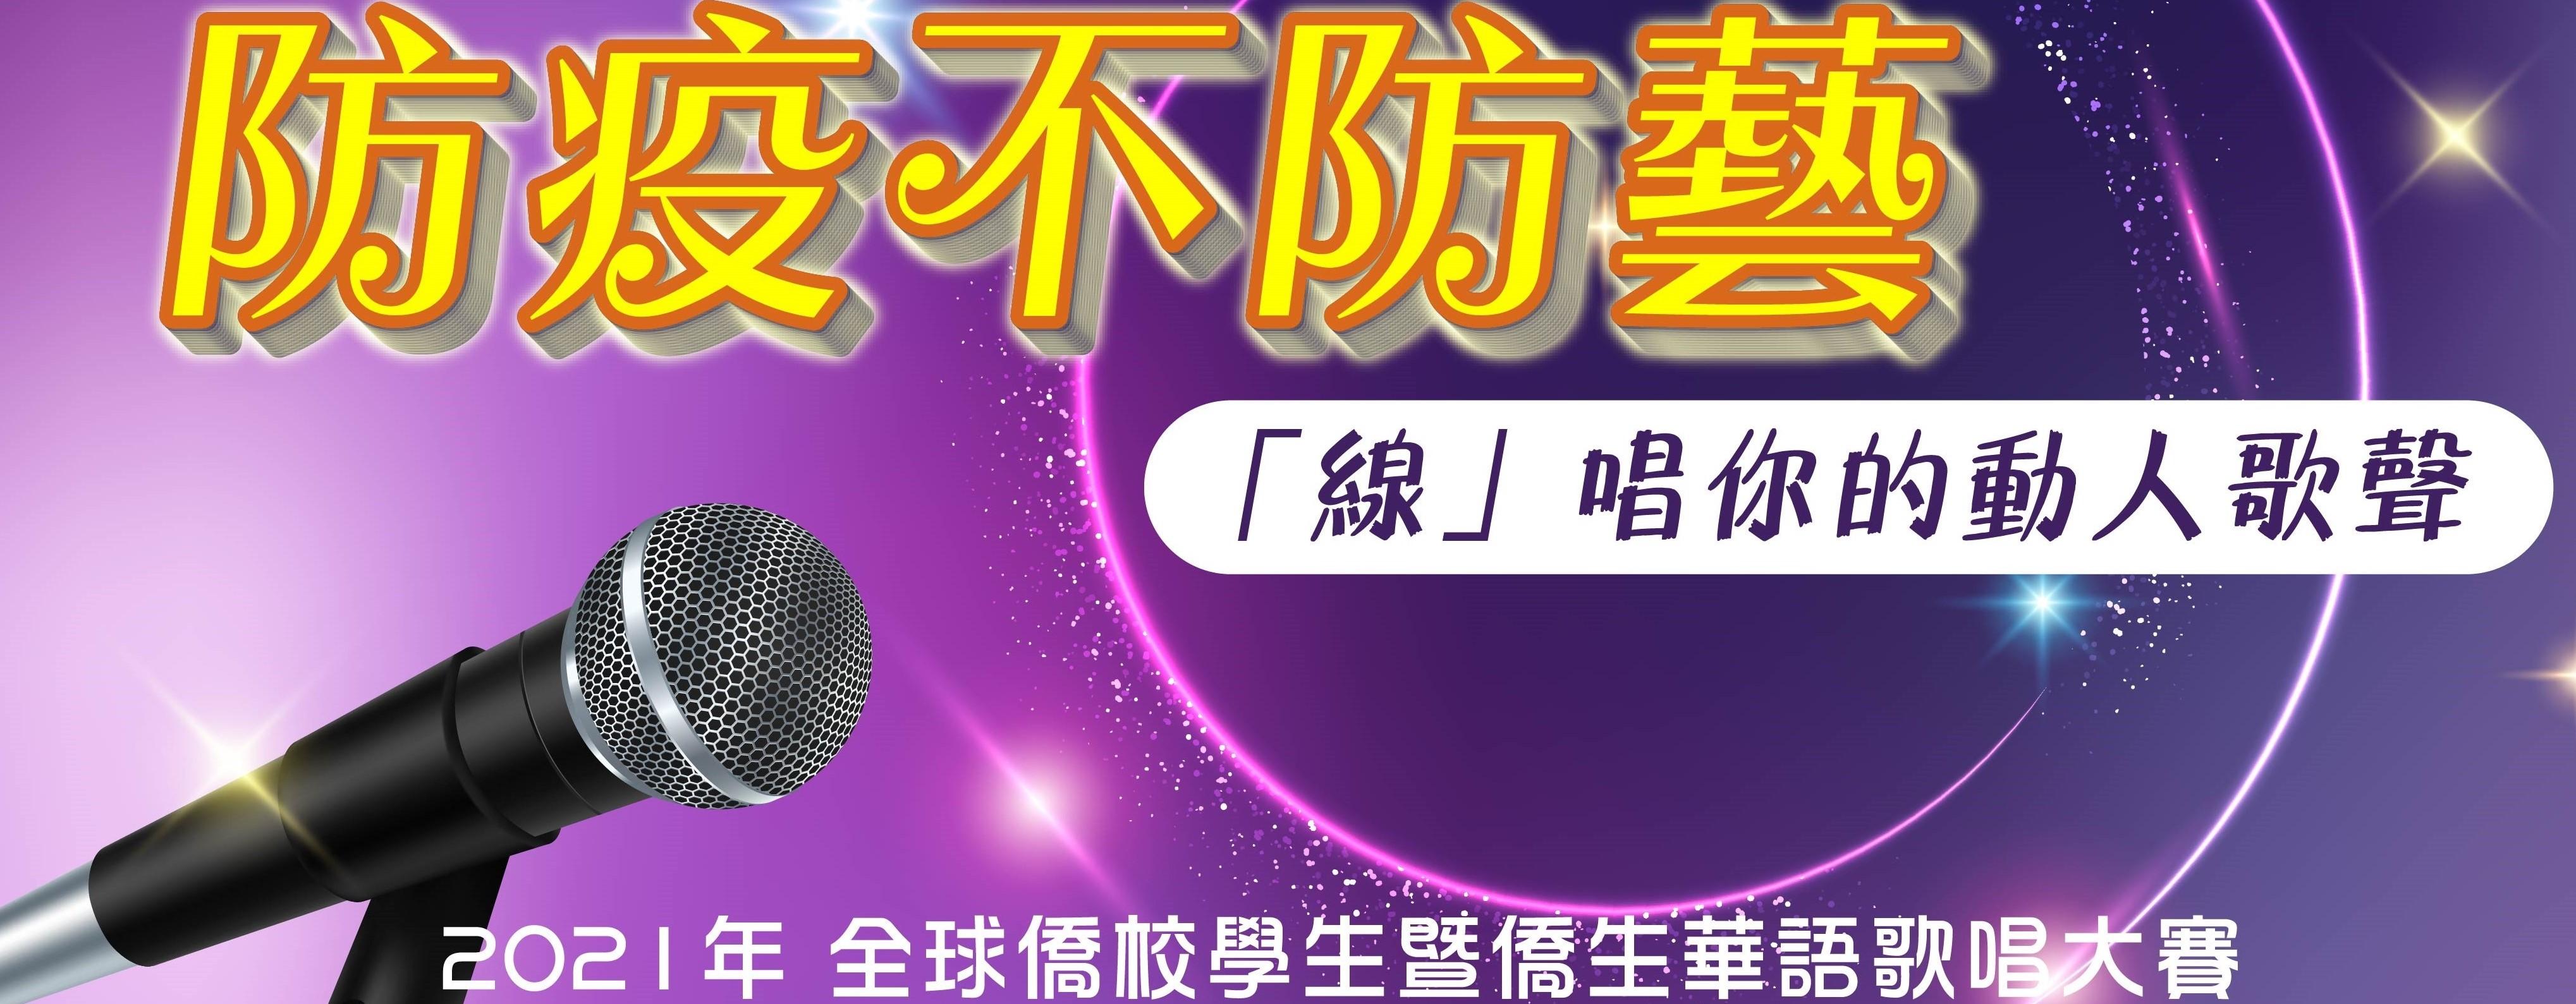 第一屆全球僑校學生暨僑生華語歌唱大賽正式啟動(另開新視窗)